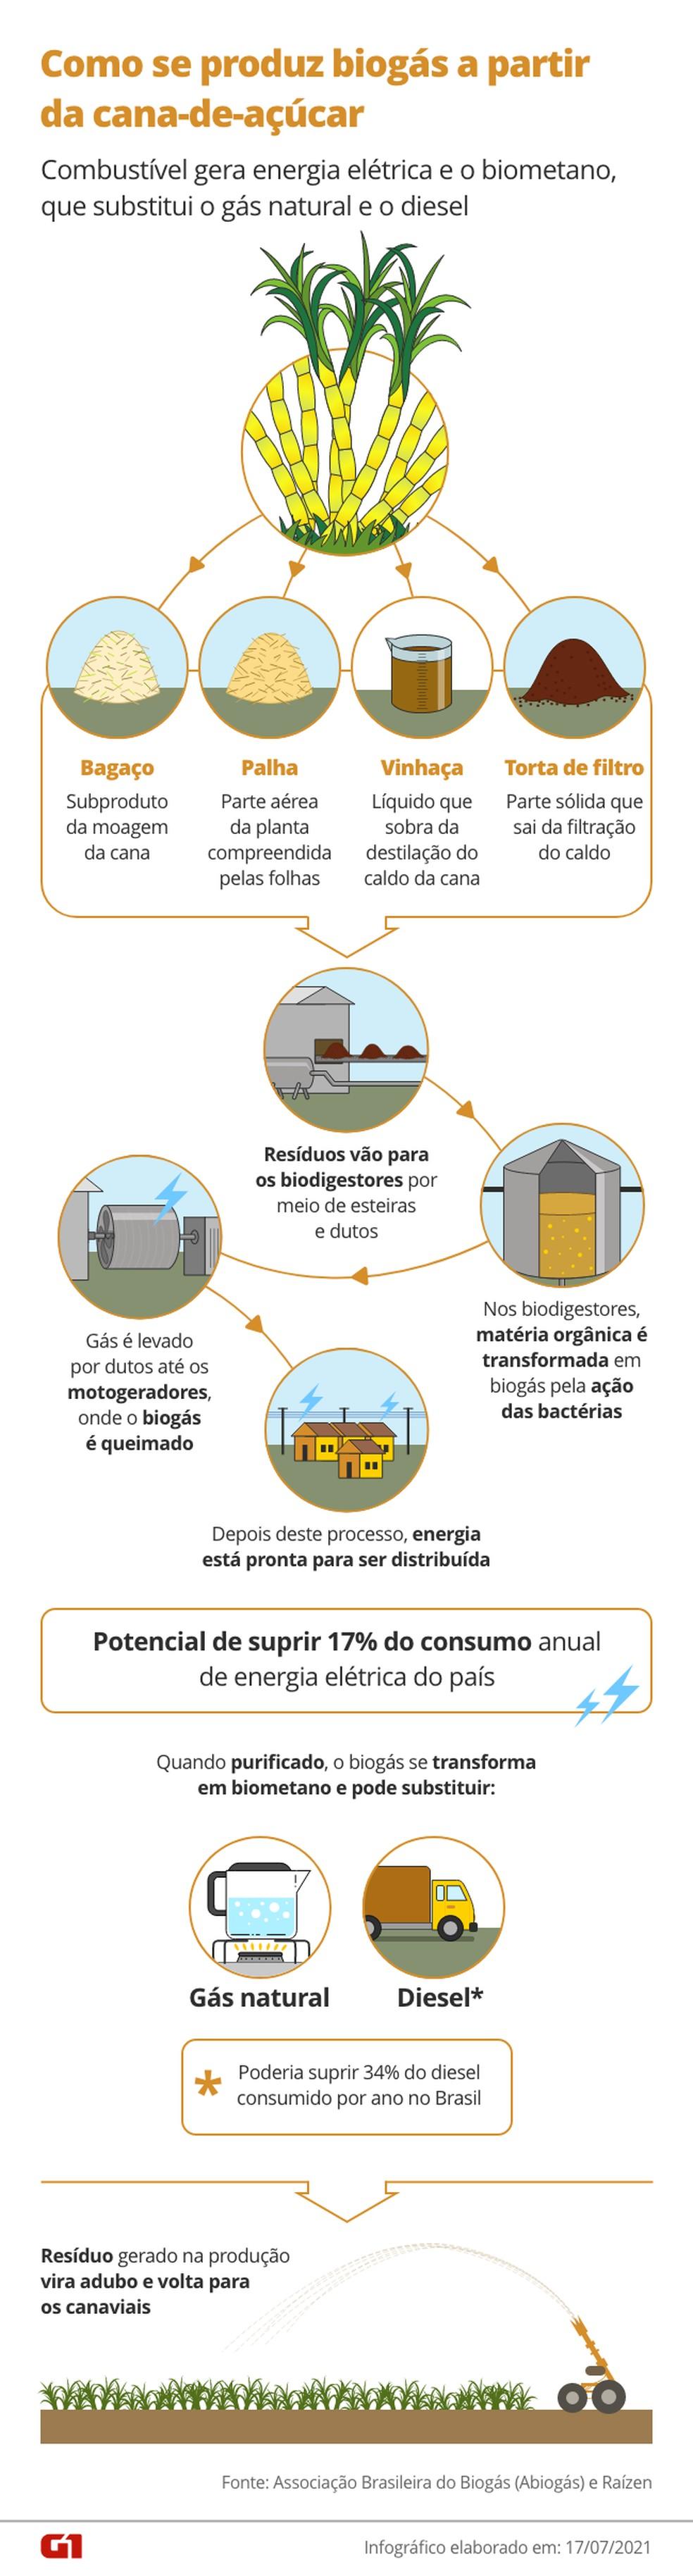 Percurso de produção do biogás, biometano e retorno de resíduos para as lavouras. — Foto: Arte/G